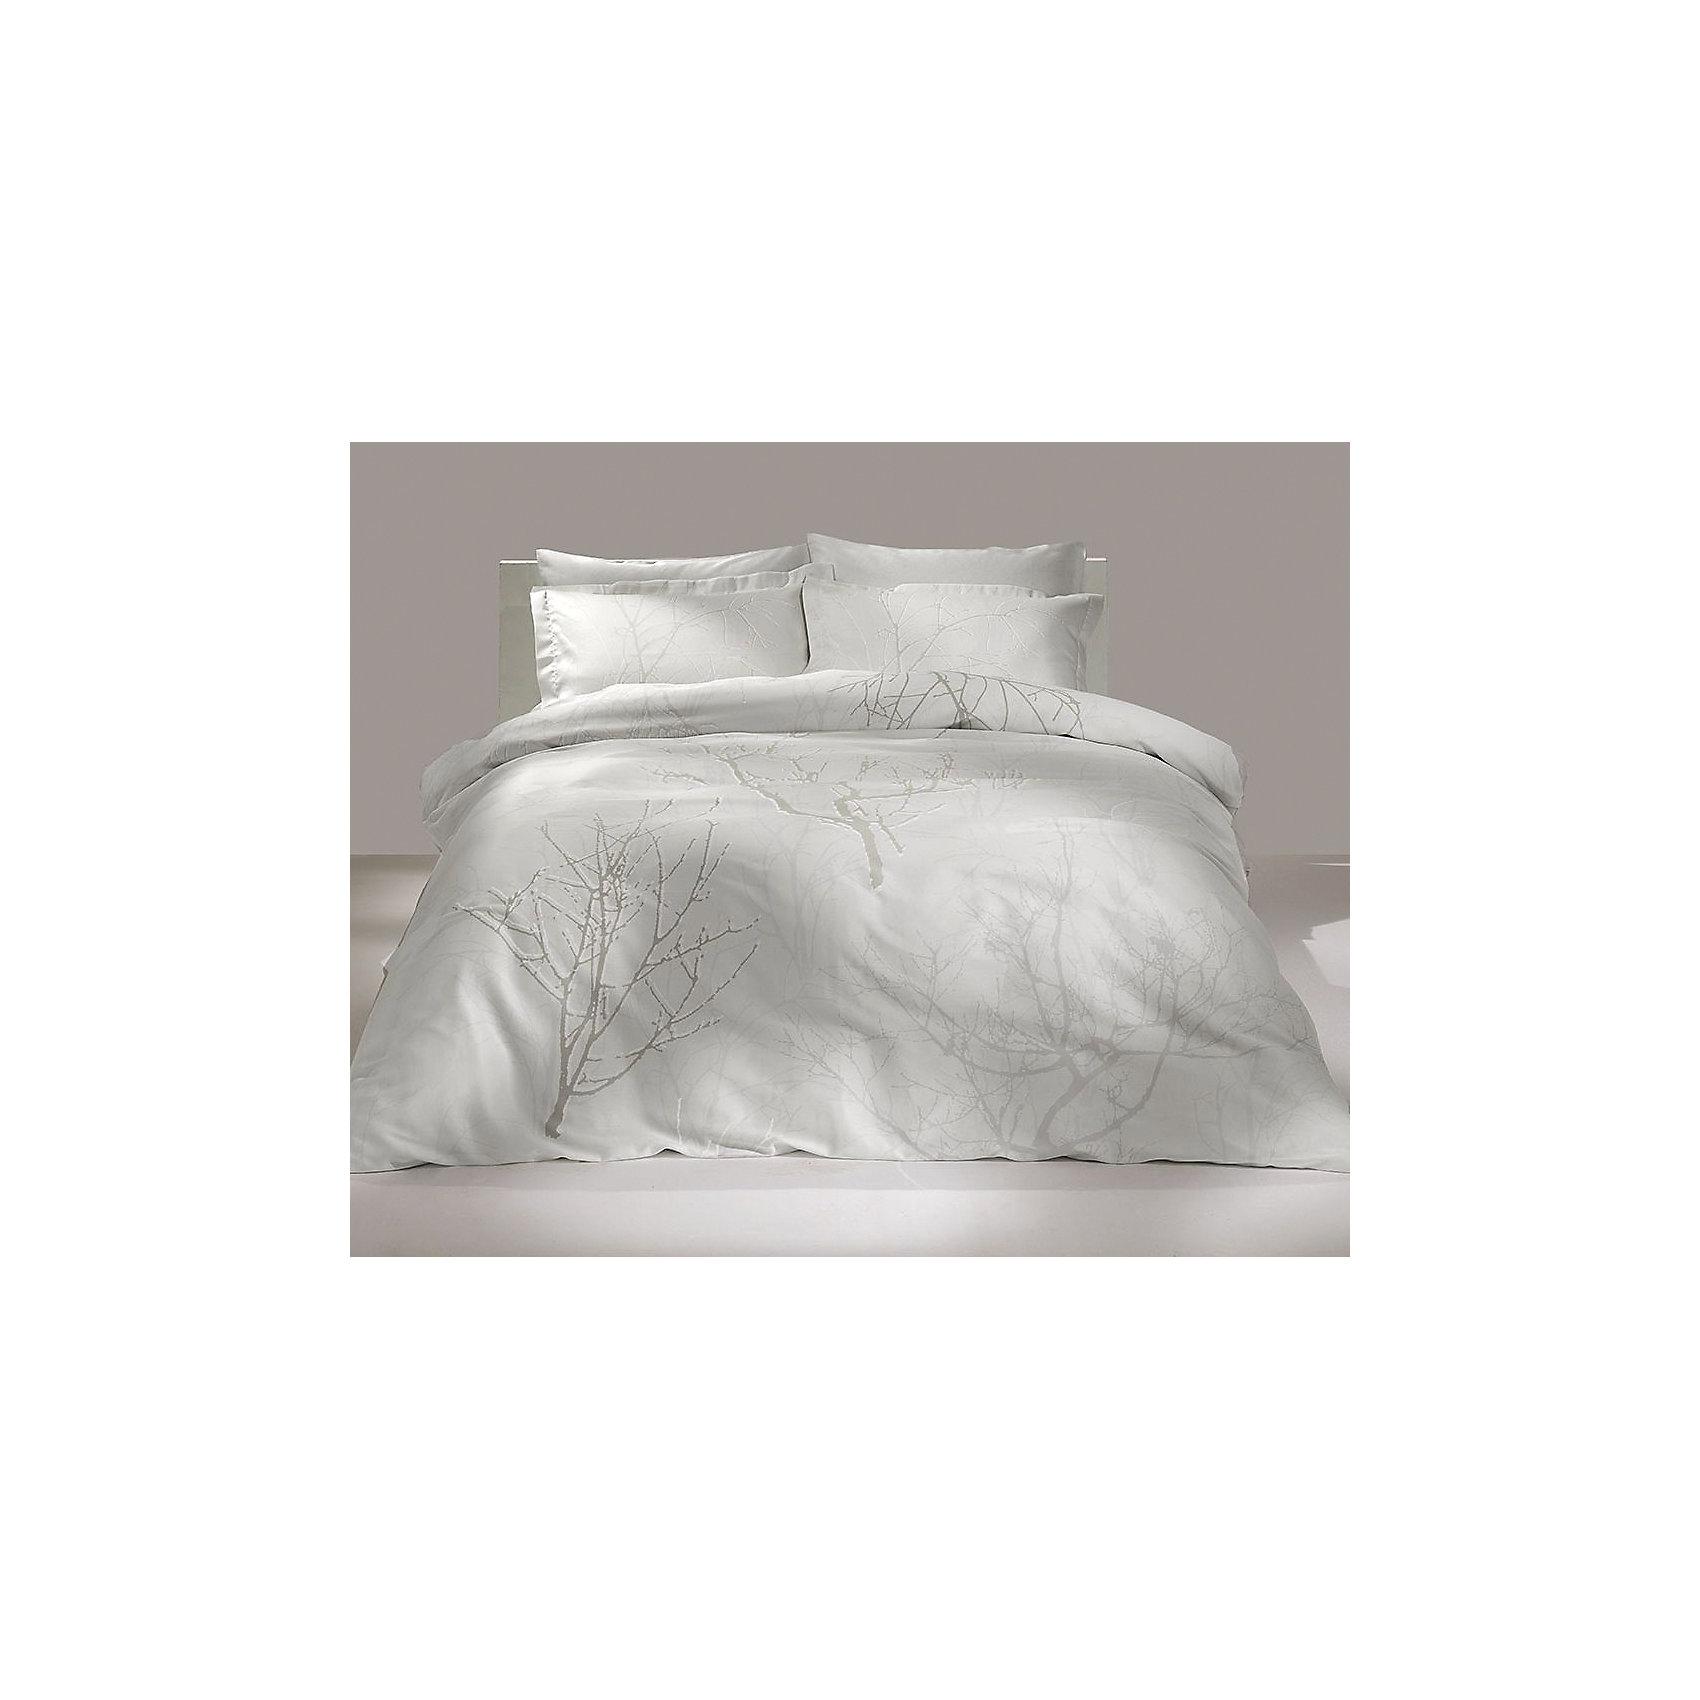 TAC Постельное белье 1,5 Parley, сатин, TAC, кремовый постельное белье tac в спб